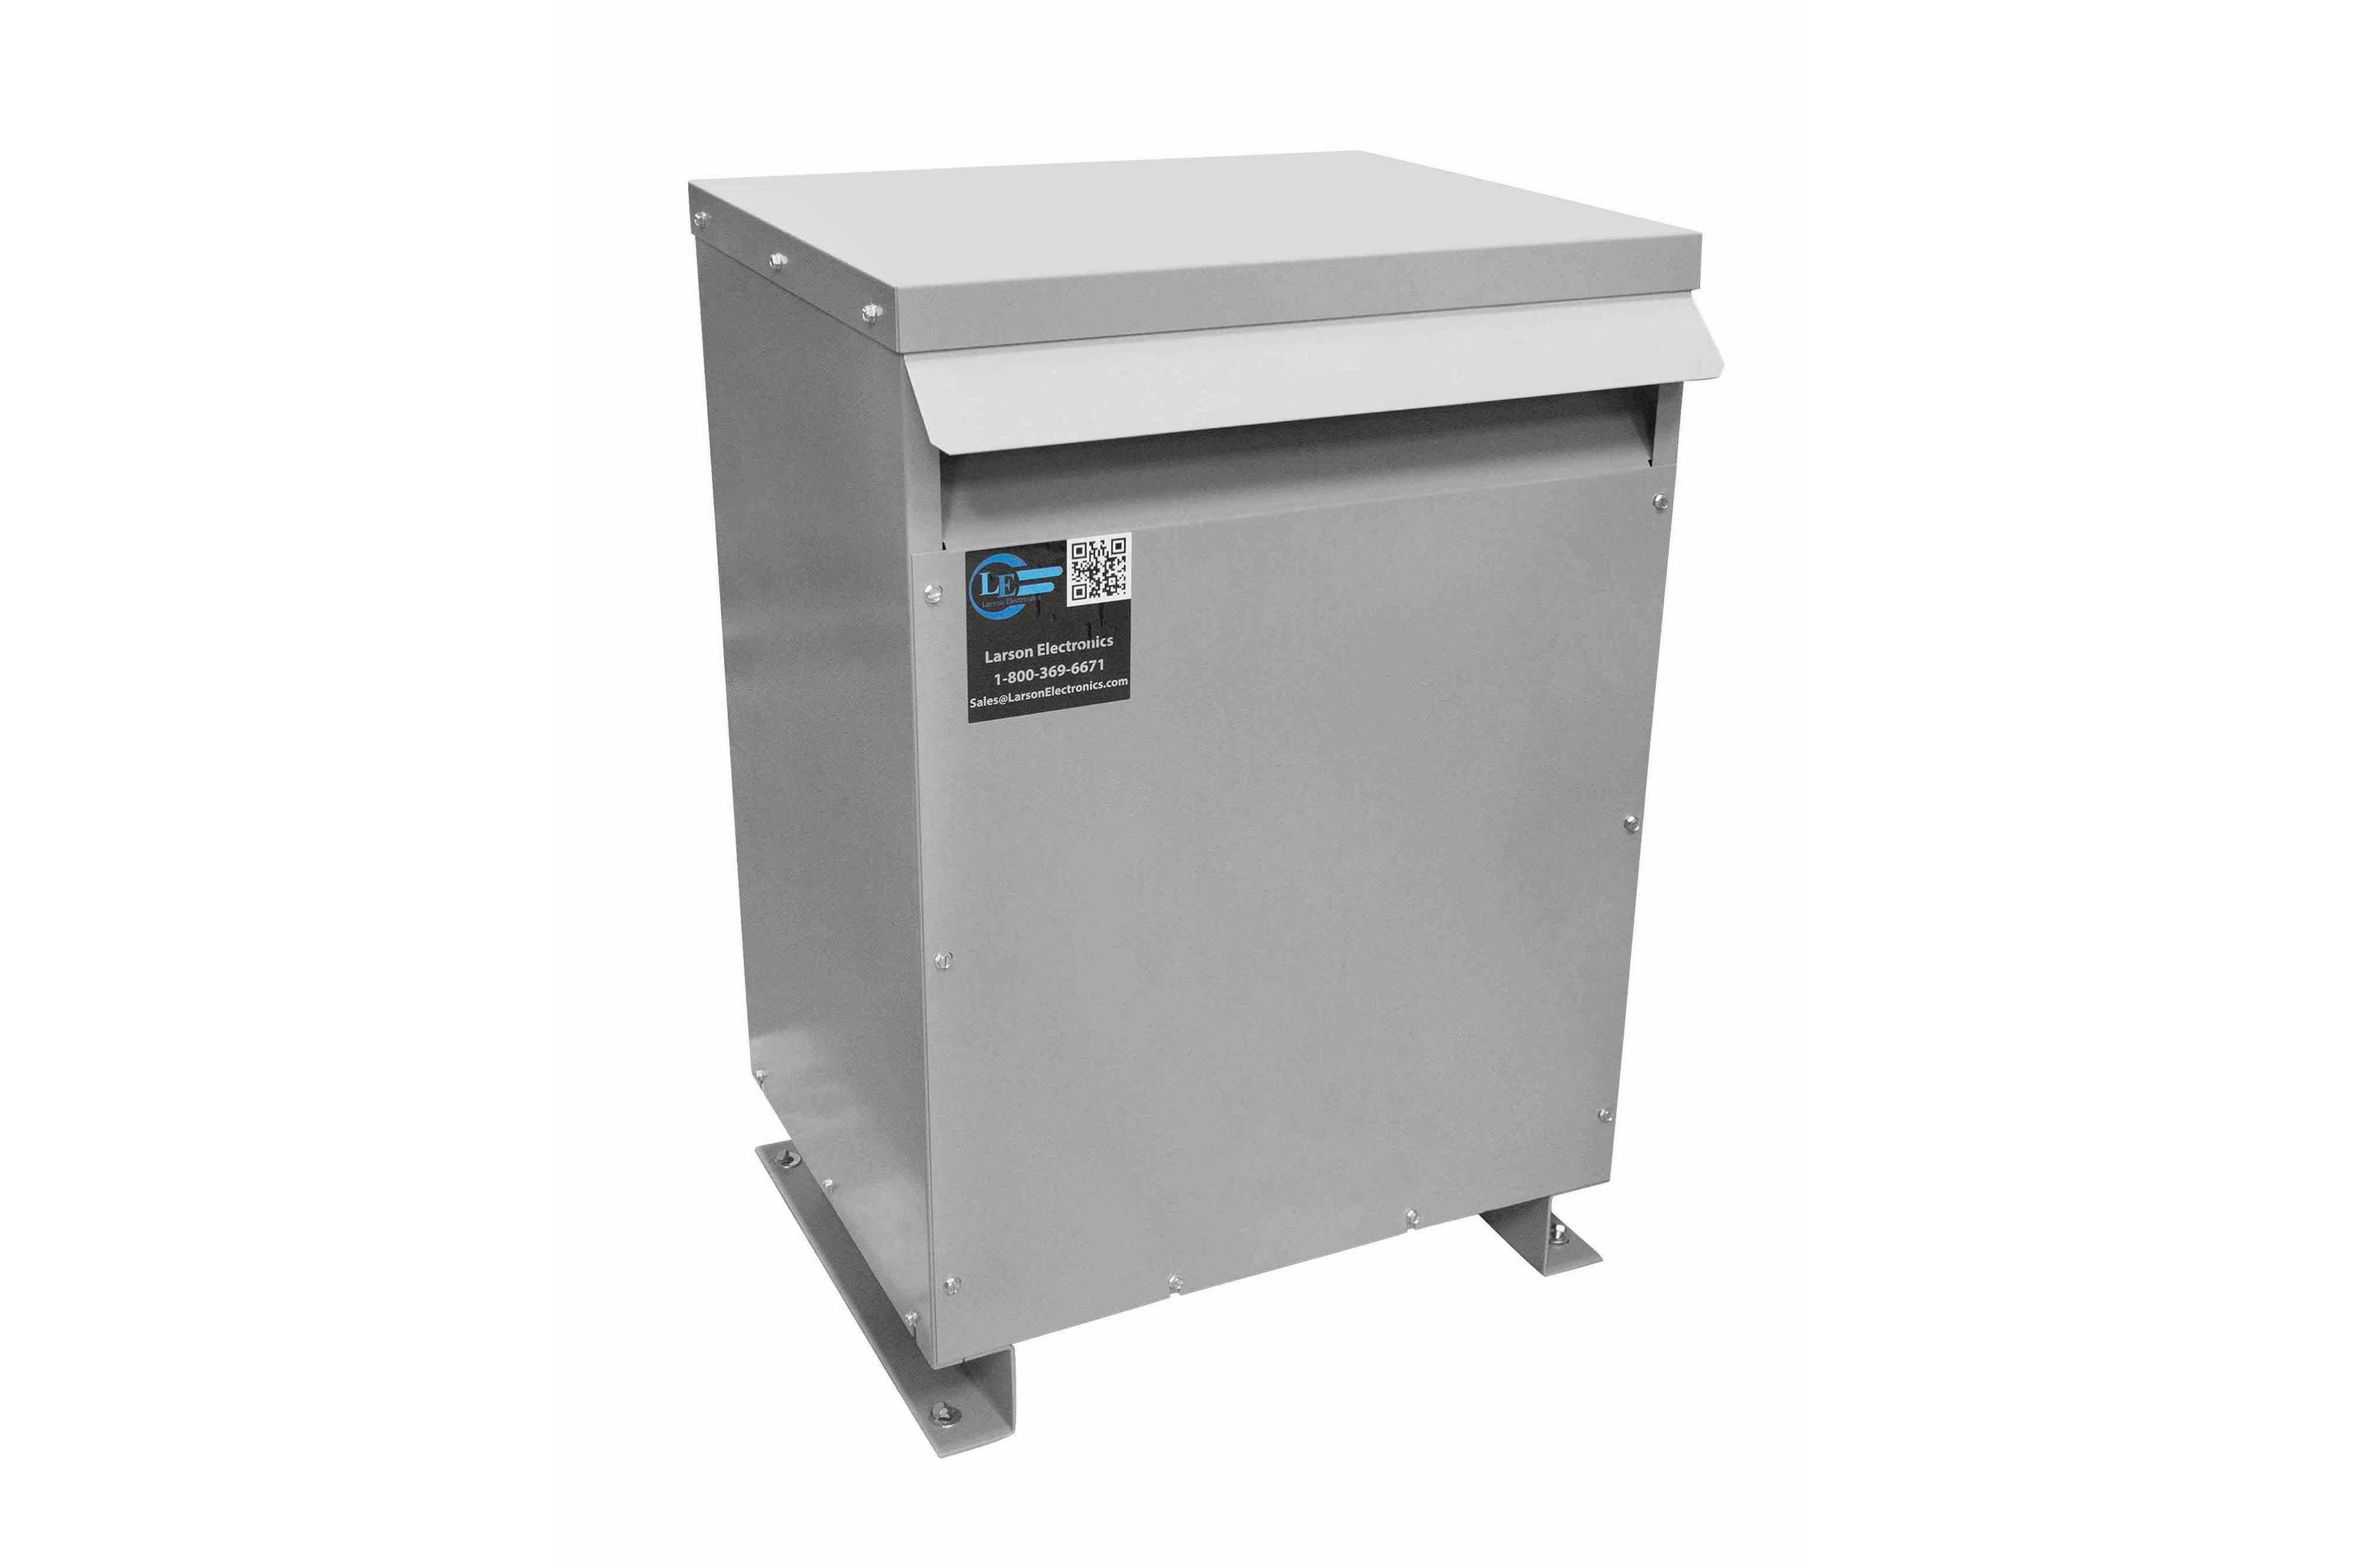 90 kVA 3PH Isolation Transformer, 575V Delta Primary, 208V Delta Secondary, N3R, Ventilated, 60 Hz